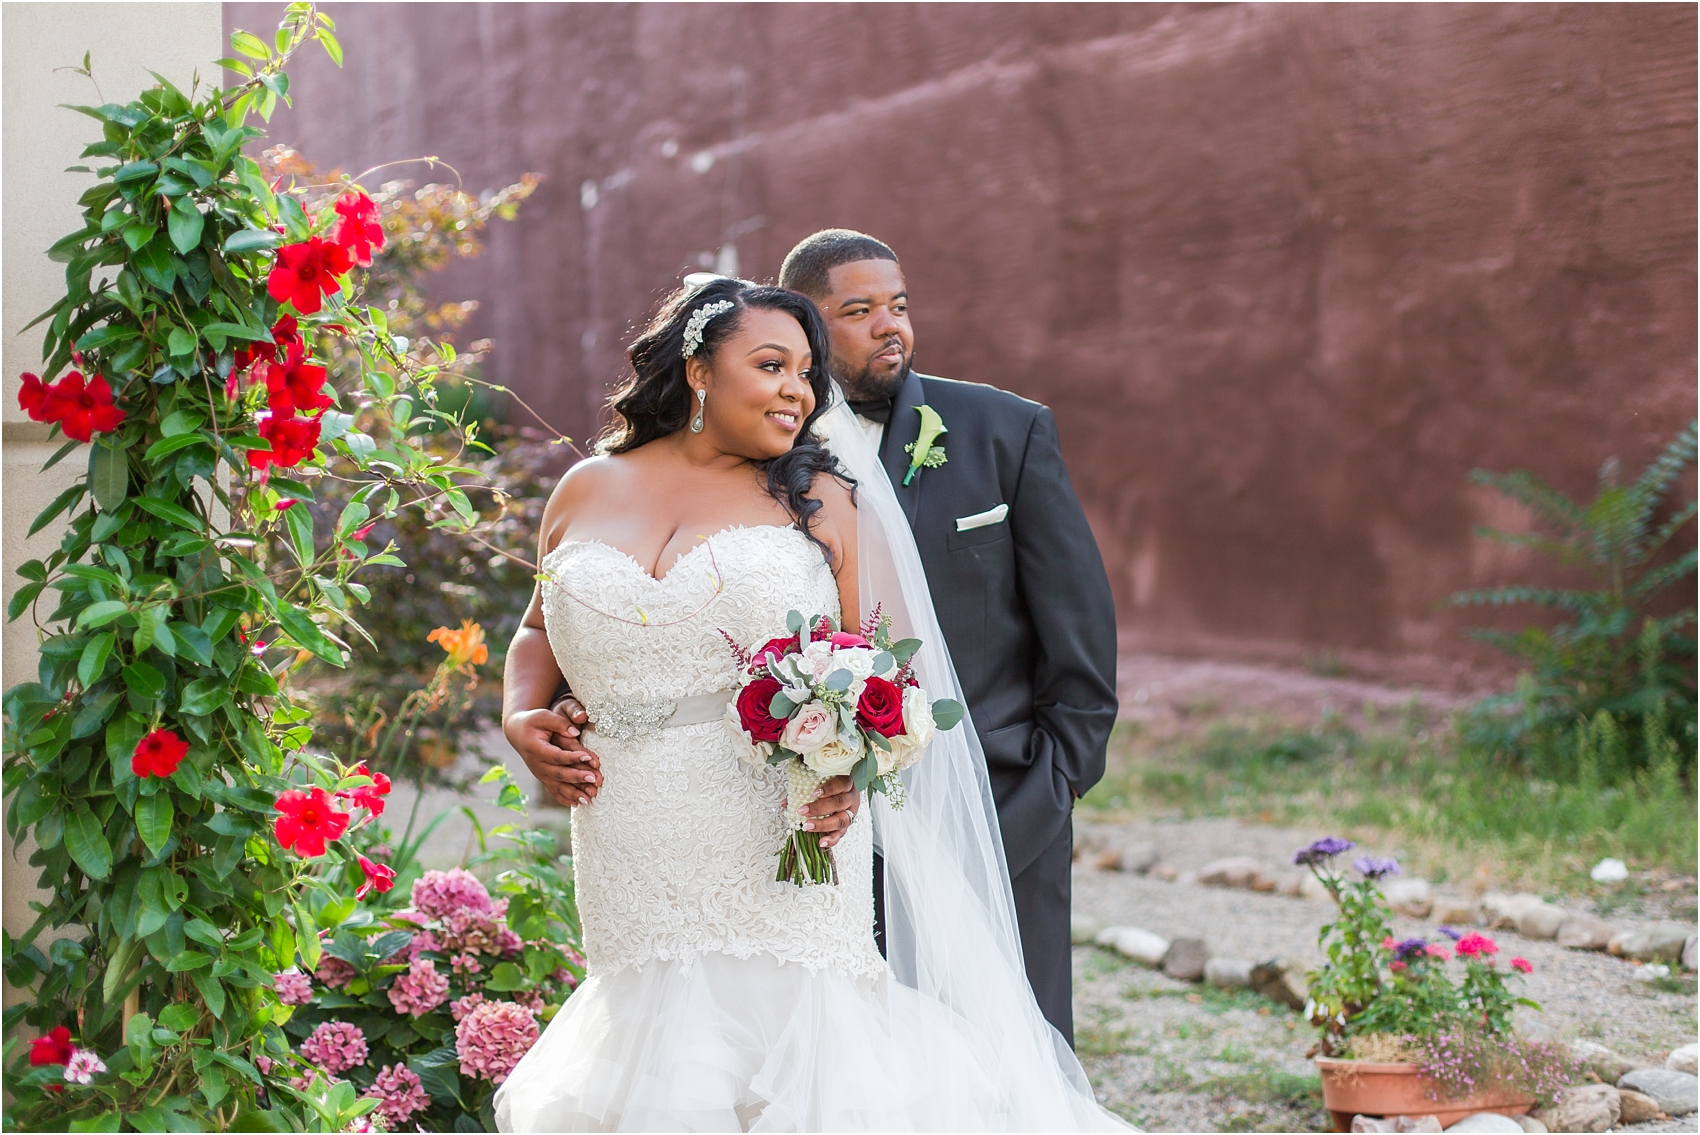 minimalist-and-modern-wedding-photos-at-30-north-saginaw-in-pontiac-michigan-by-courtney-carolyn-photography_0065.jpg